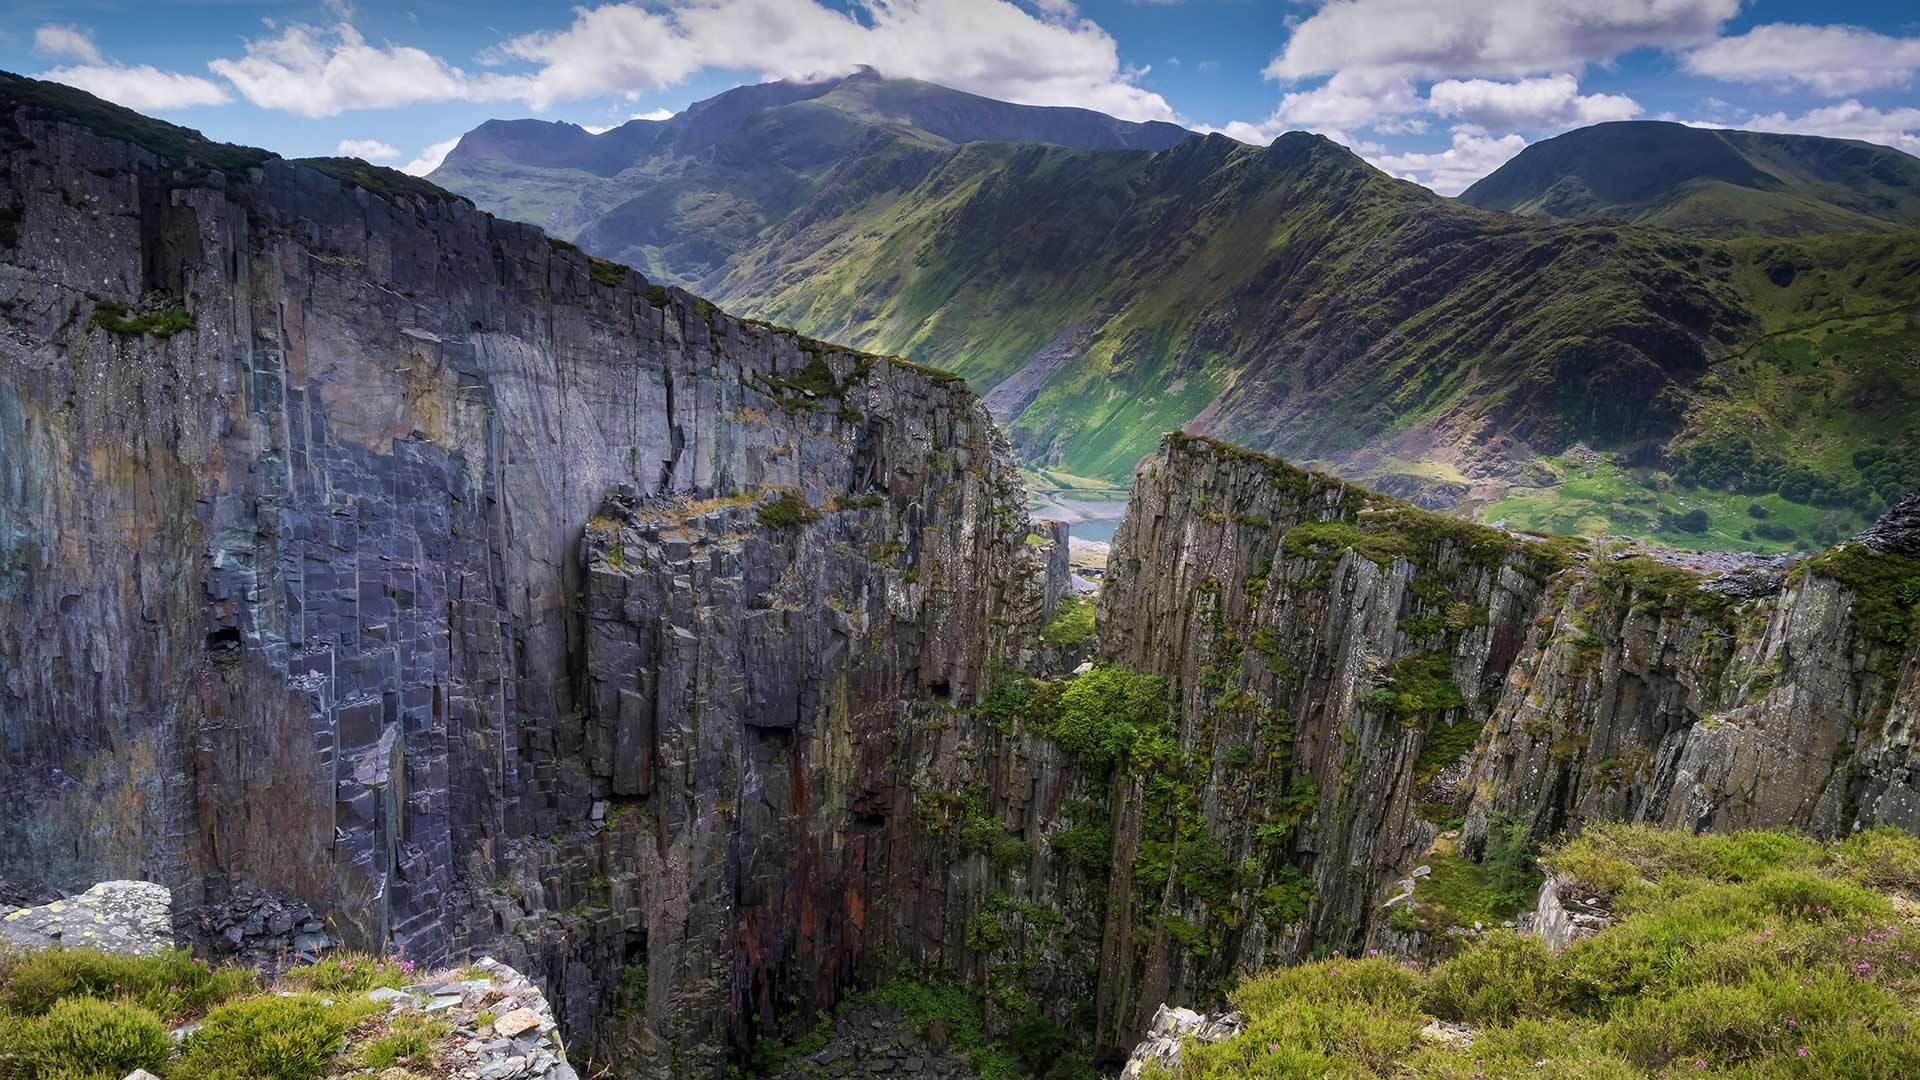 英国史诺多尼亚国家公园斯诺登山与兰贝里斯山口英国史诺多尼亚国家公园